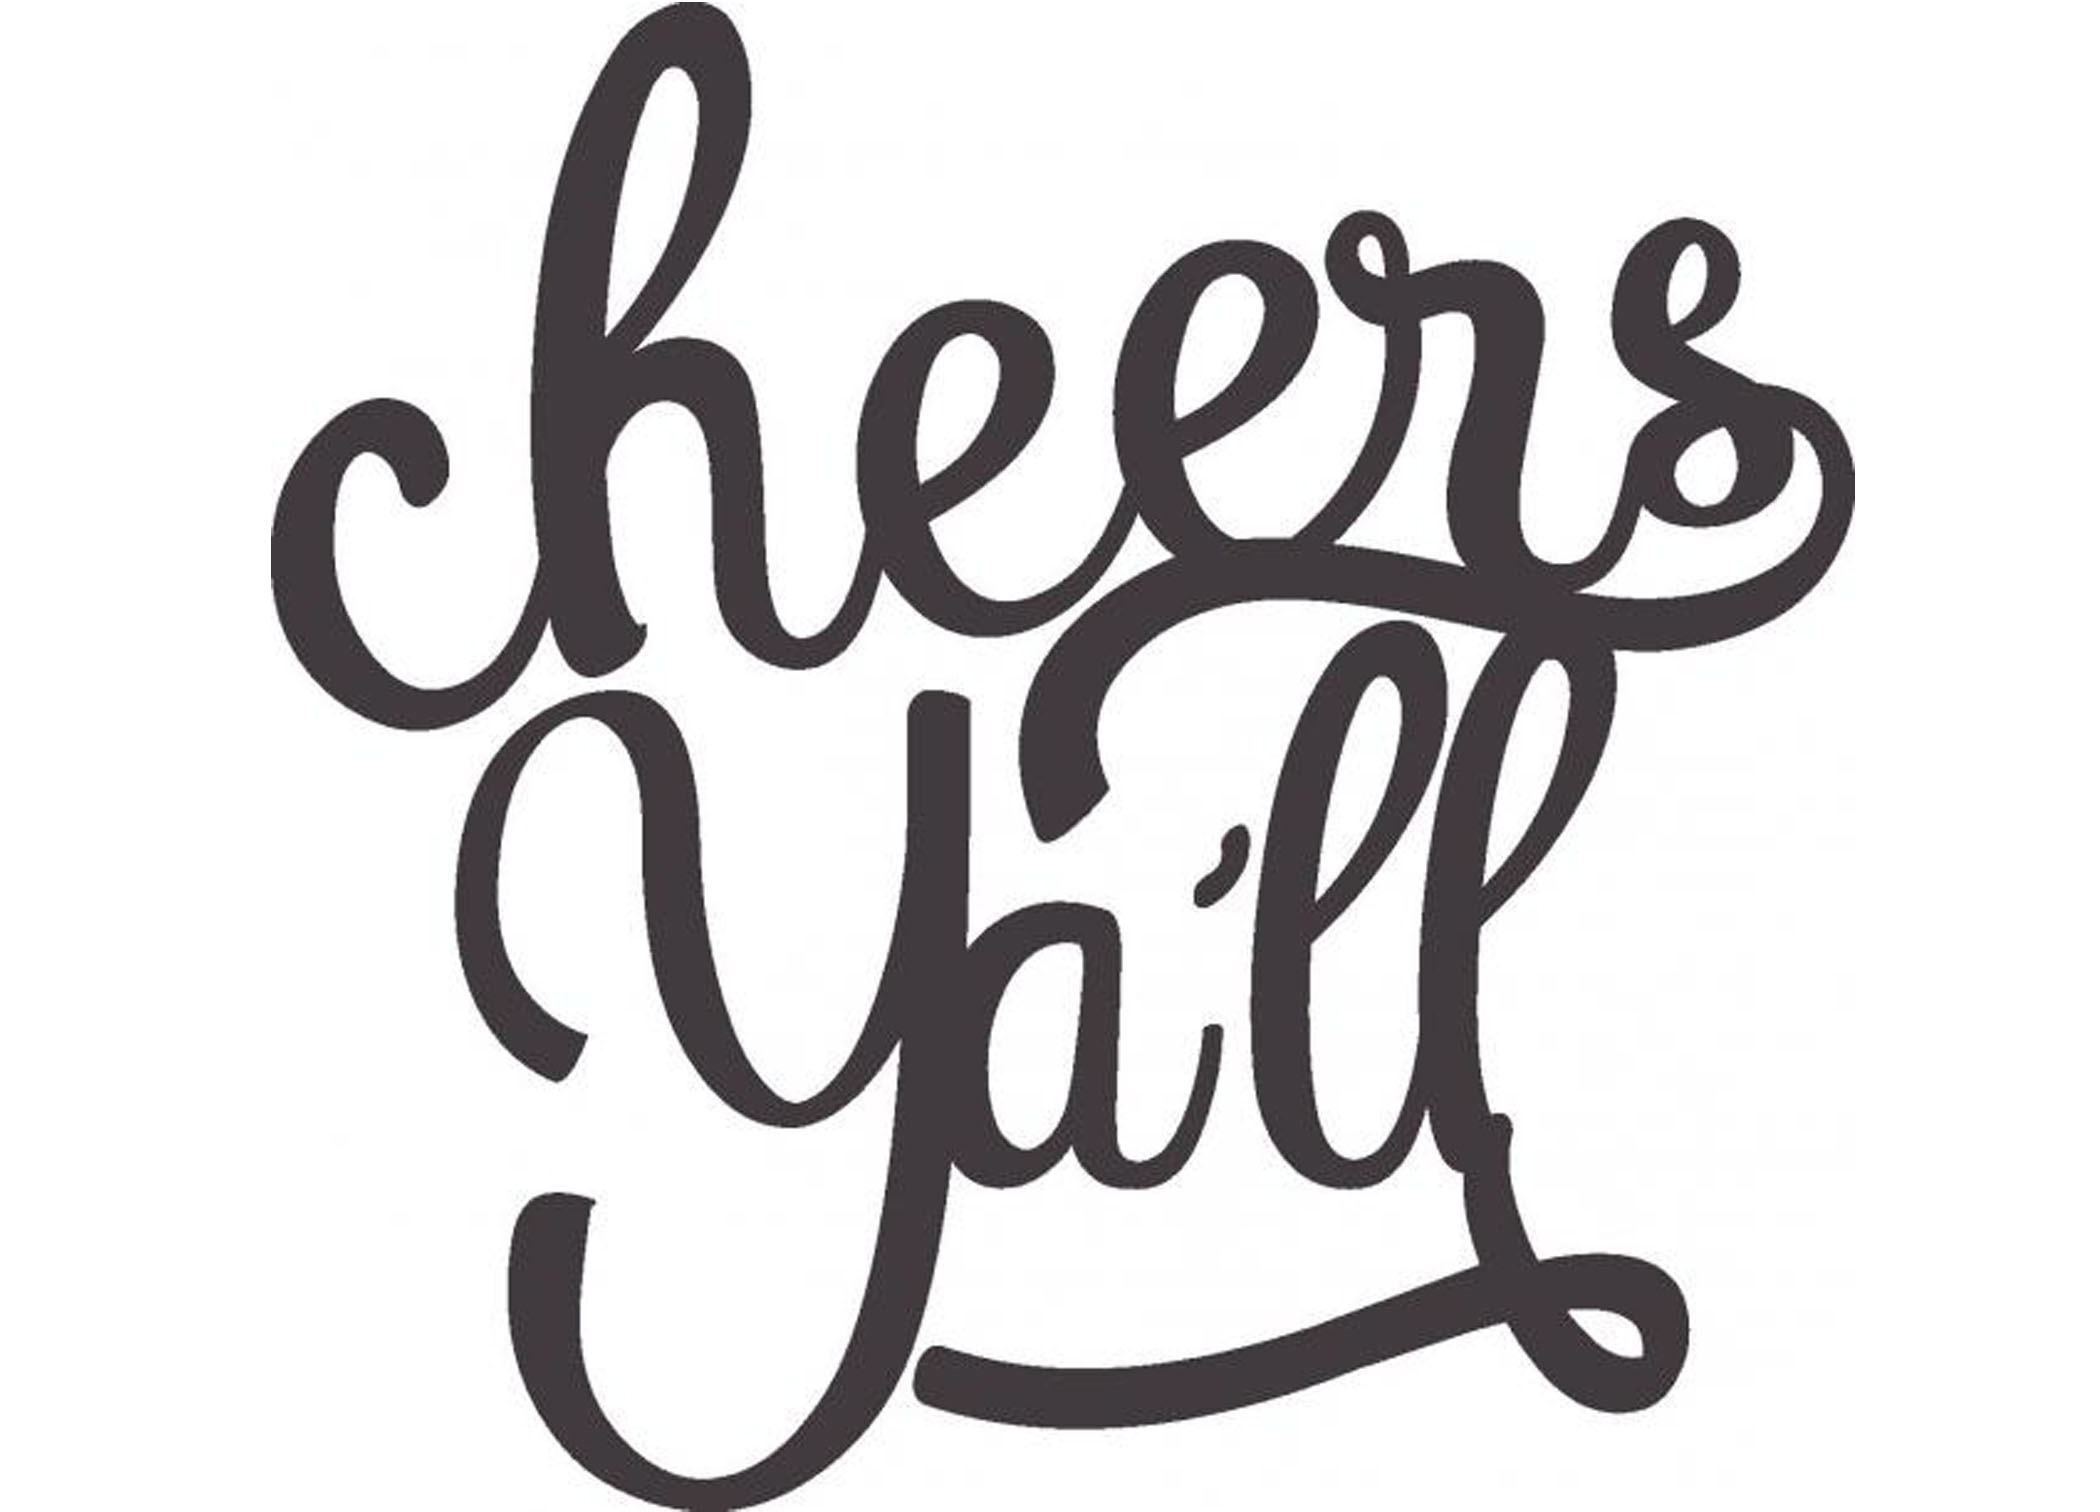 Cheers Ya'll